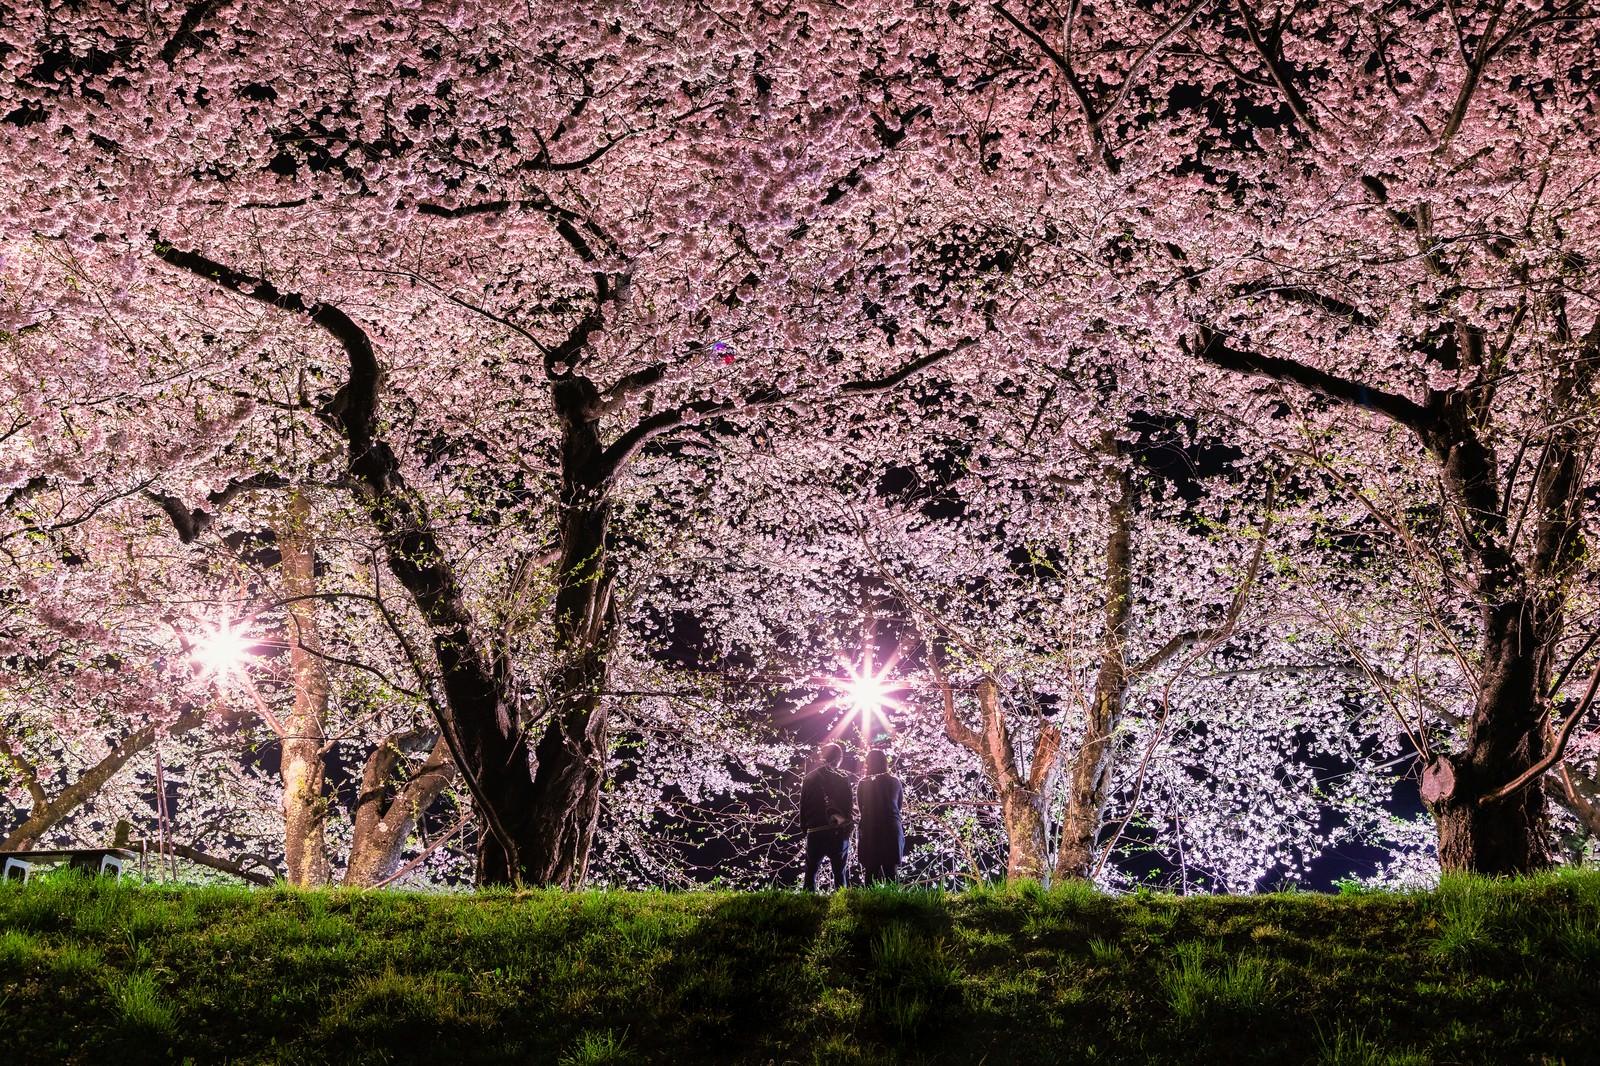 「満開の桜を見に来たお花見カップル」の写真